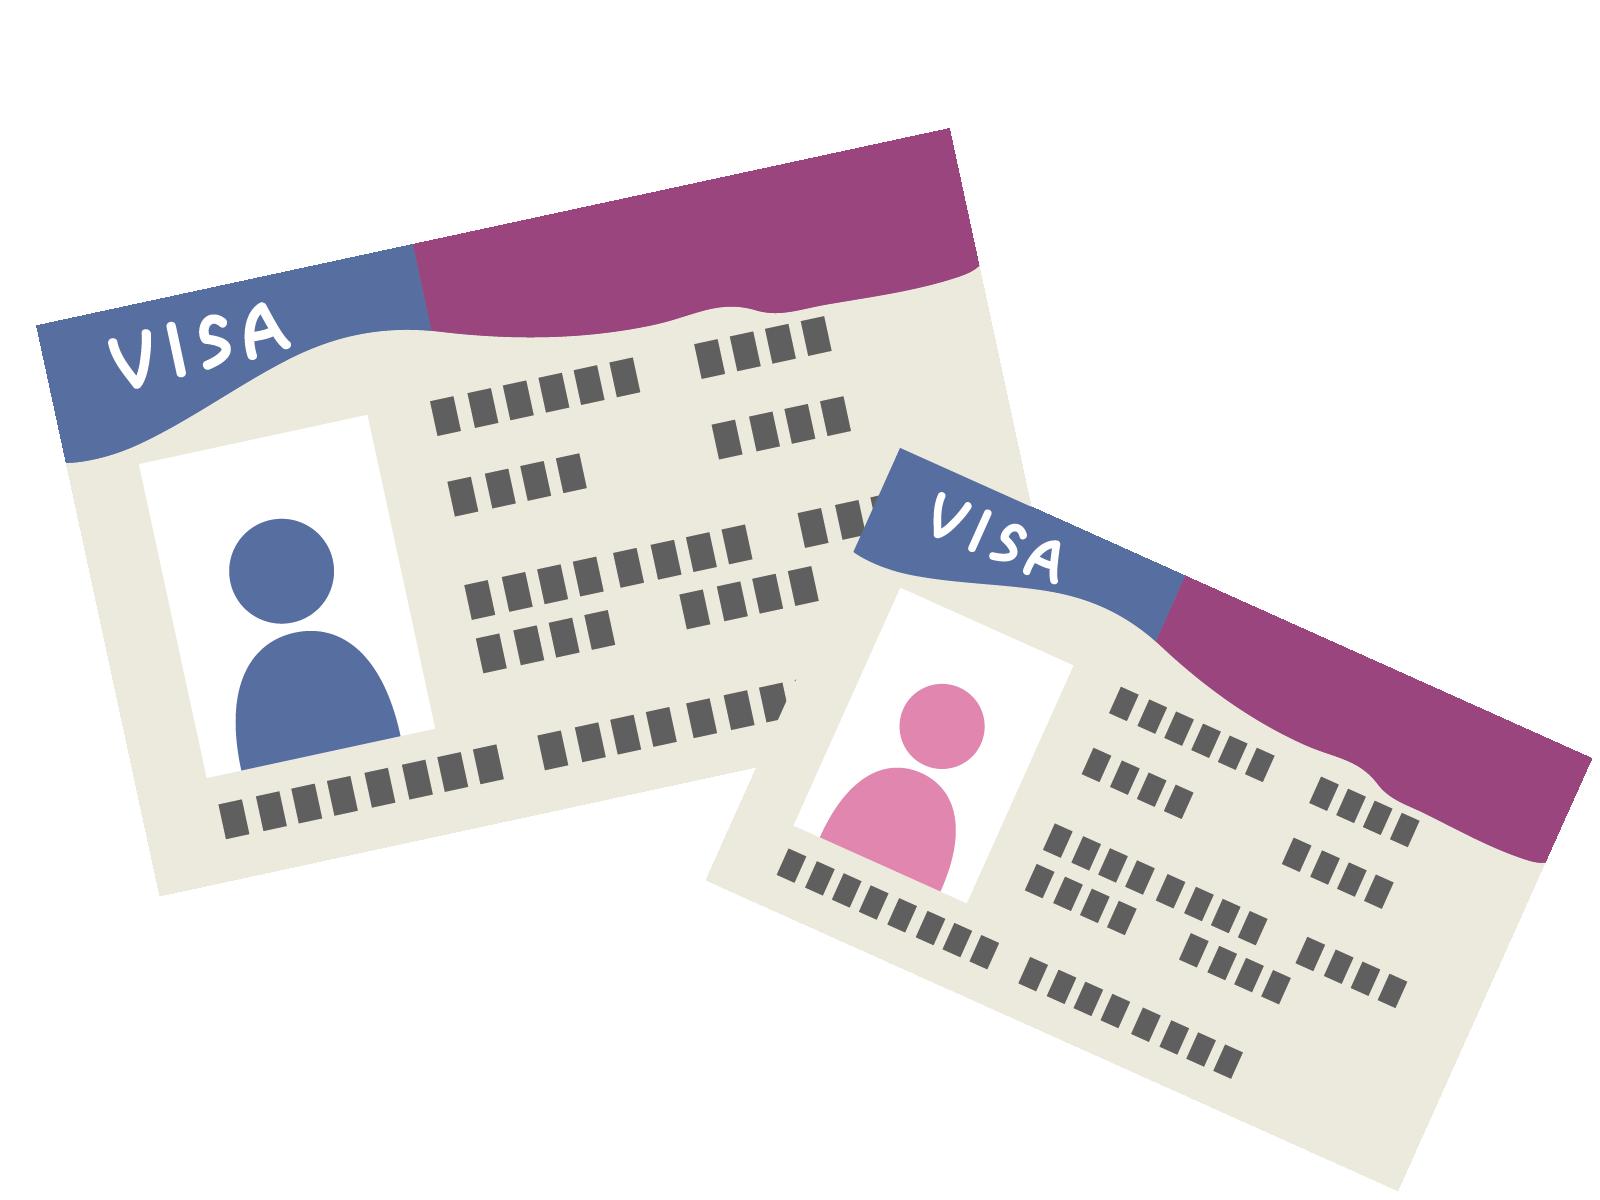 外国人観光客向けに特別観光ビザ(Special Tourist Visa)発給へ - ワイズデジタル【タイで生活する人のための情報サイト】